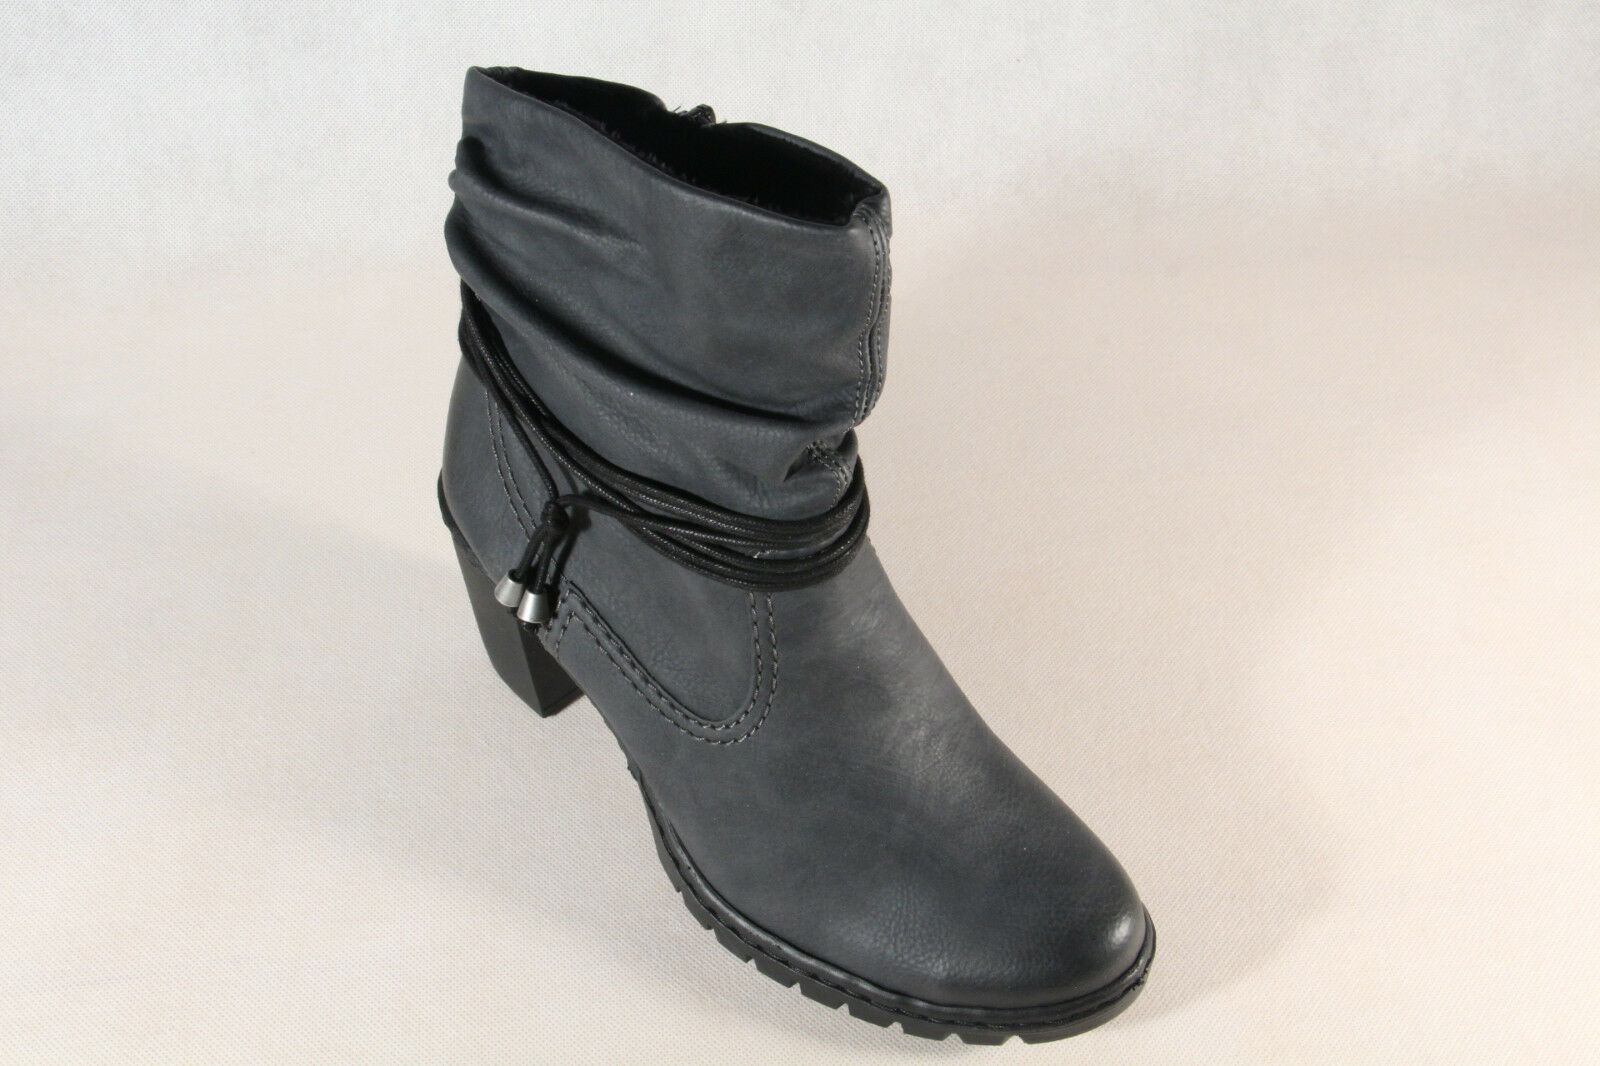 Rieker Pantofola Stivaletti Scarpe Basse Basse Basse Stivali Importanti Y2591 Grigio Nuovo | Prese tedesche  | Scolaro/Ragazze Scarpa  f520df